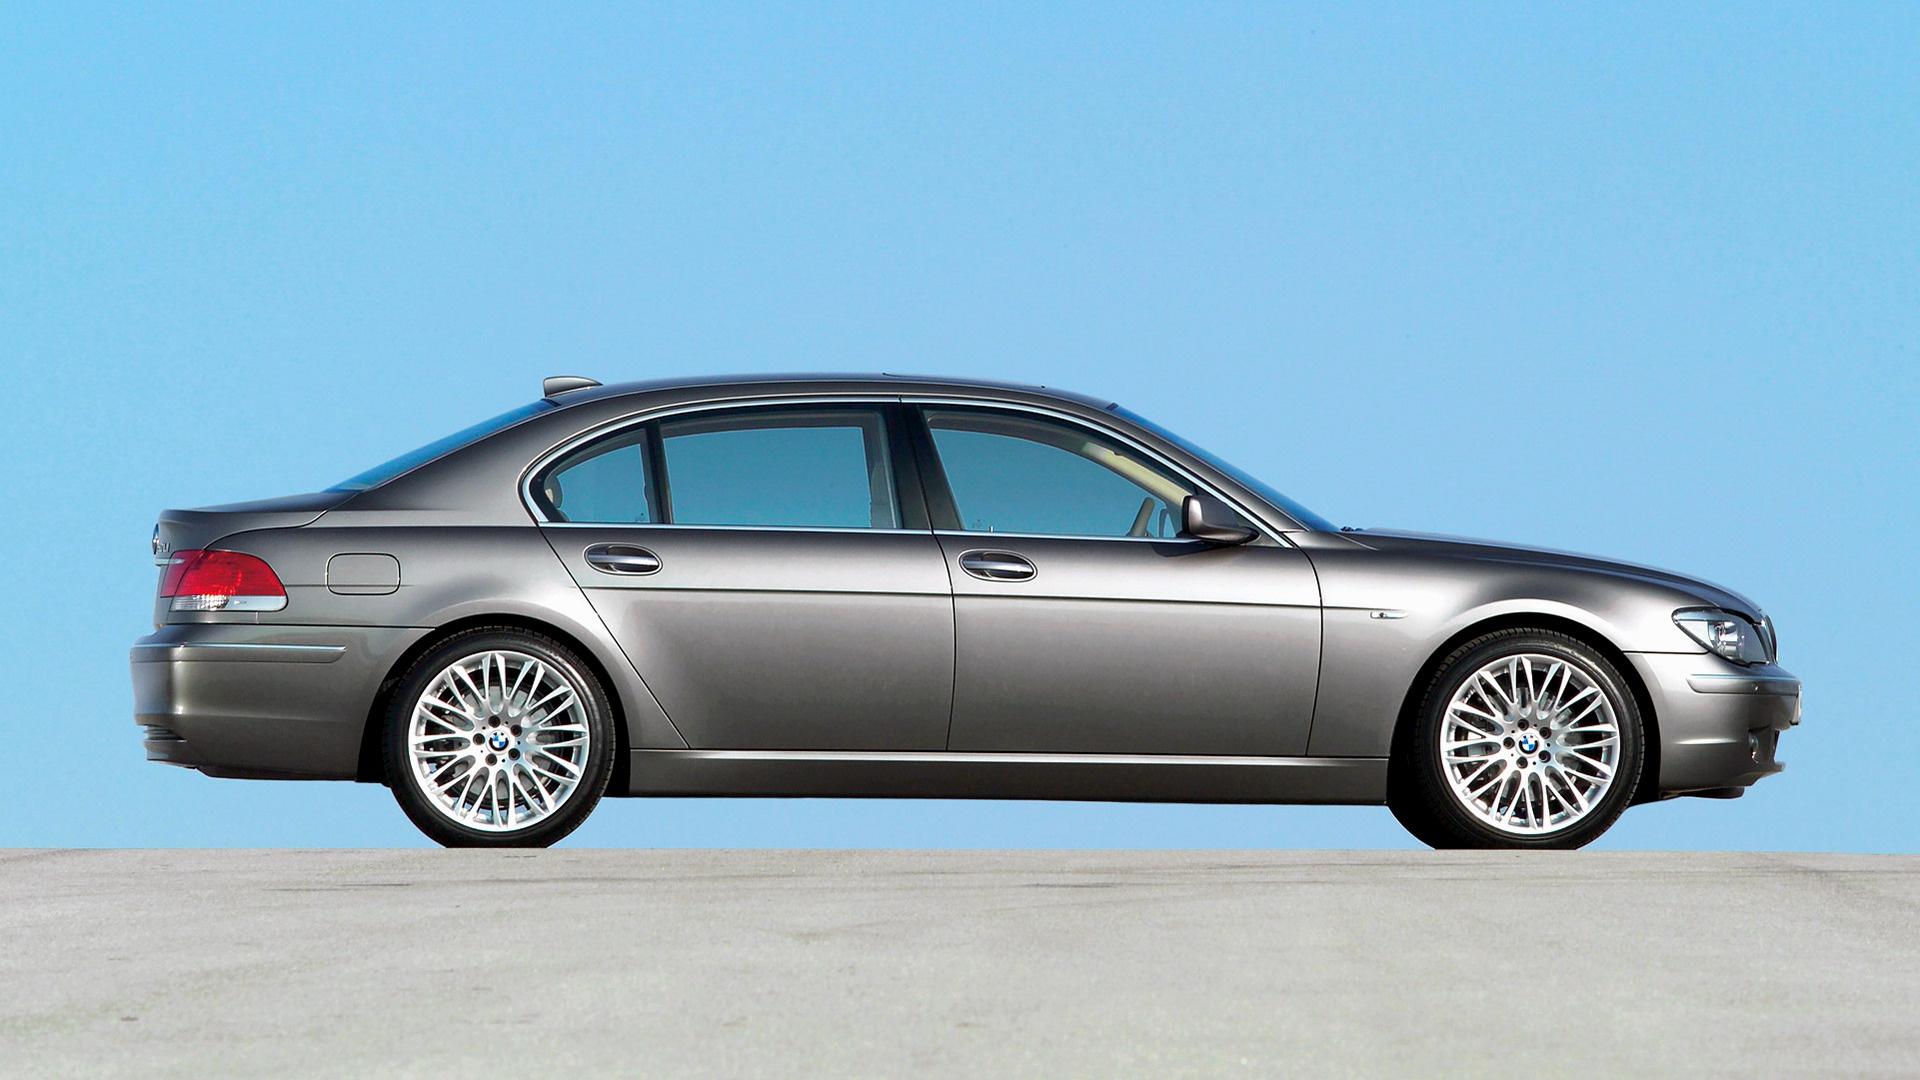 2005 BMW 750Li HD Wallpaper | Background Image | 1920x1080 ...